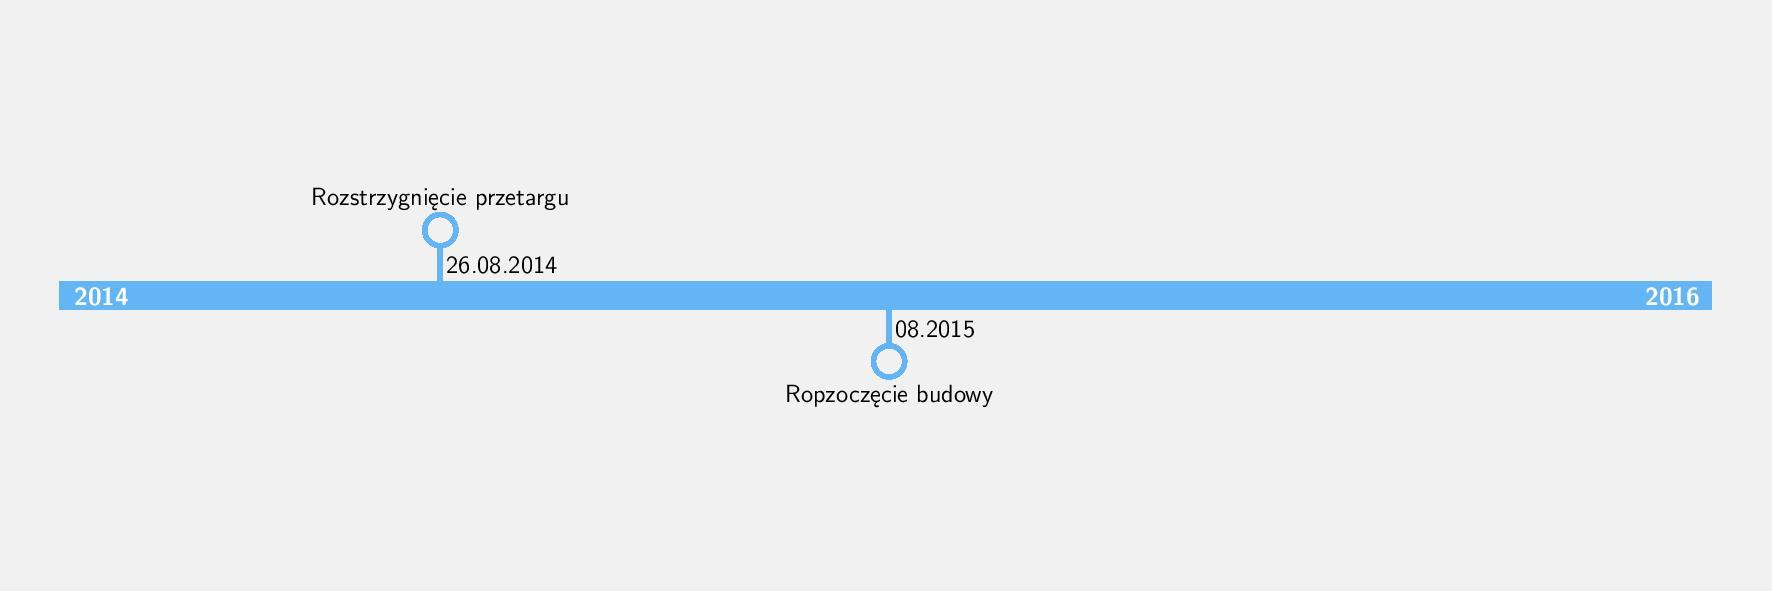 Rozstrzygnięcie przetargu: 26 sierpnia 2014  Rozpoczęcie budowy: sierpień 2015